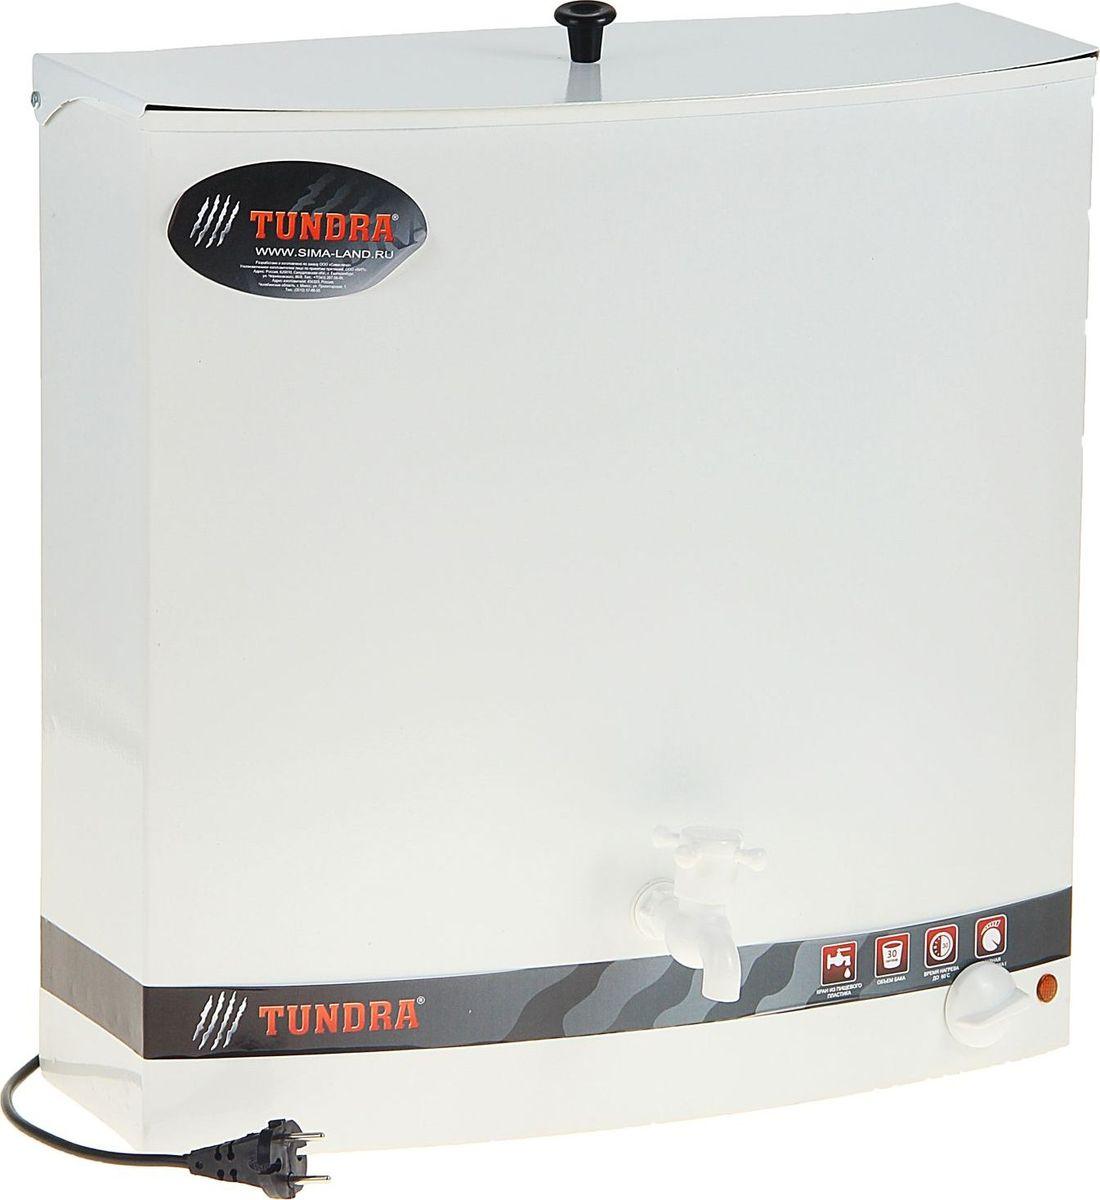 Бак настенный Tundra, с электроводонагревателем, цвет: белый, 30 лRSP-202SУмывальник Tundra — отличное приобретение для дачи, гаража, мастерской и мест без центрального водоснабжения. Металлический корпус прост в уходе и обладает высокой износостойкостью.Встроенный водонагреватель делает процесс мытья посуды или другие водные процедуры более комфортными.Вы можете самостоятельно выбирать нужную температуру воды с помощью удобного регулятора. Данная модель подходит как для гигиенических, так и для хозяйственных целей.